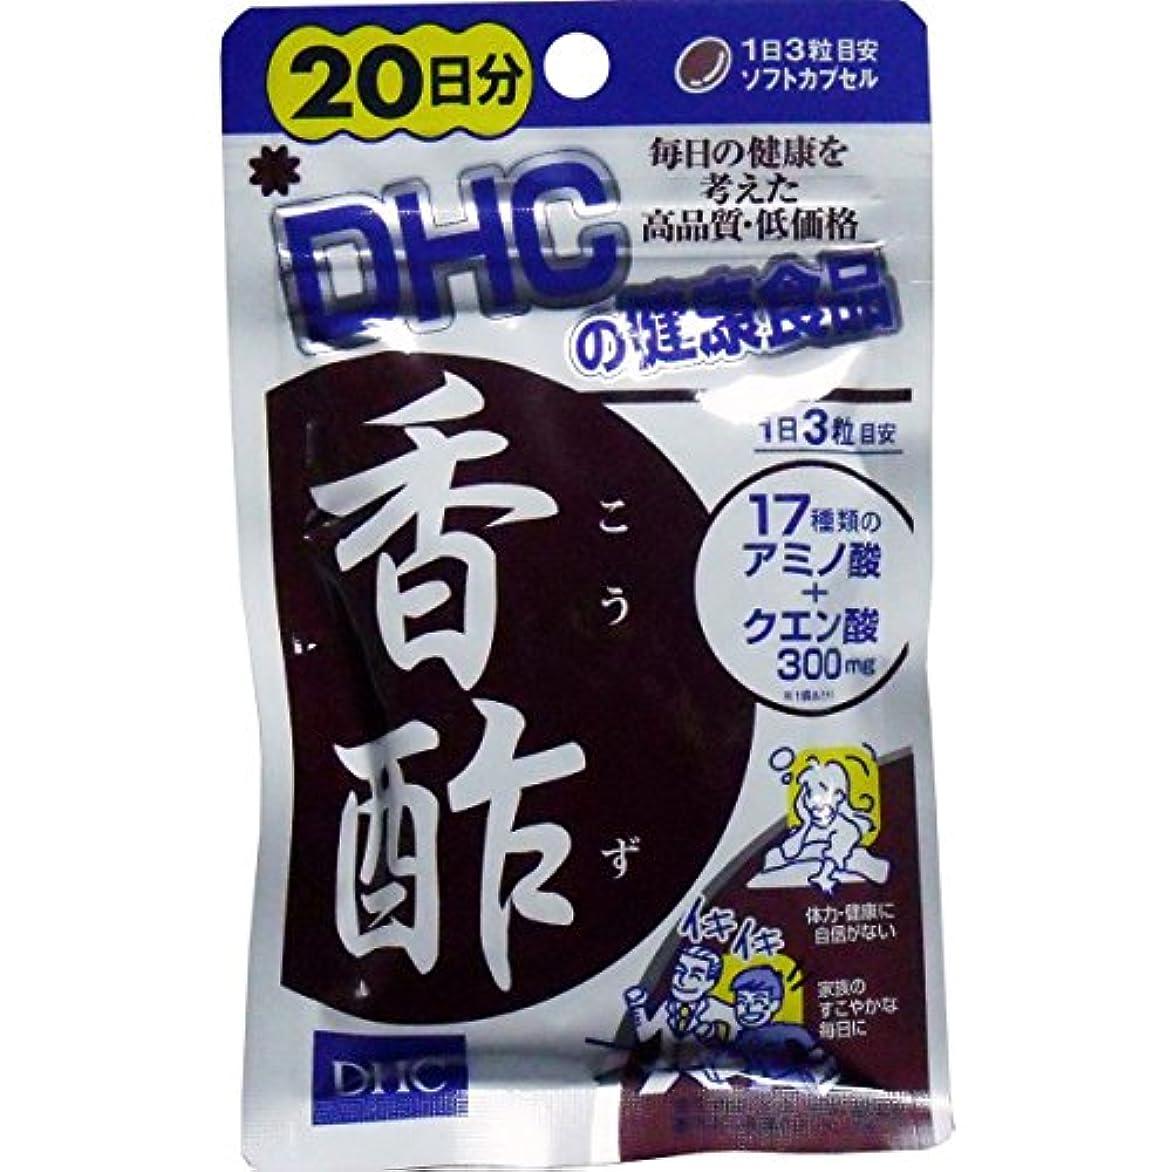 テスト未使用栄養サプリ 健康食品 香酢 酢 パワー DHC アミノ酸たっぷりの禄豊香酢を手軽に!20日分 60粒入【5個セット】